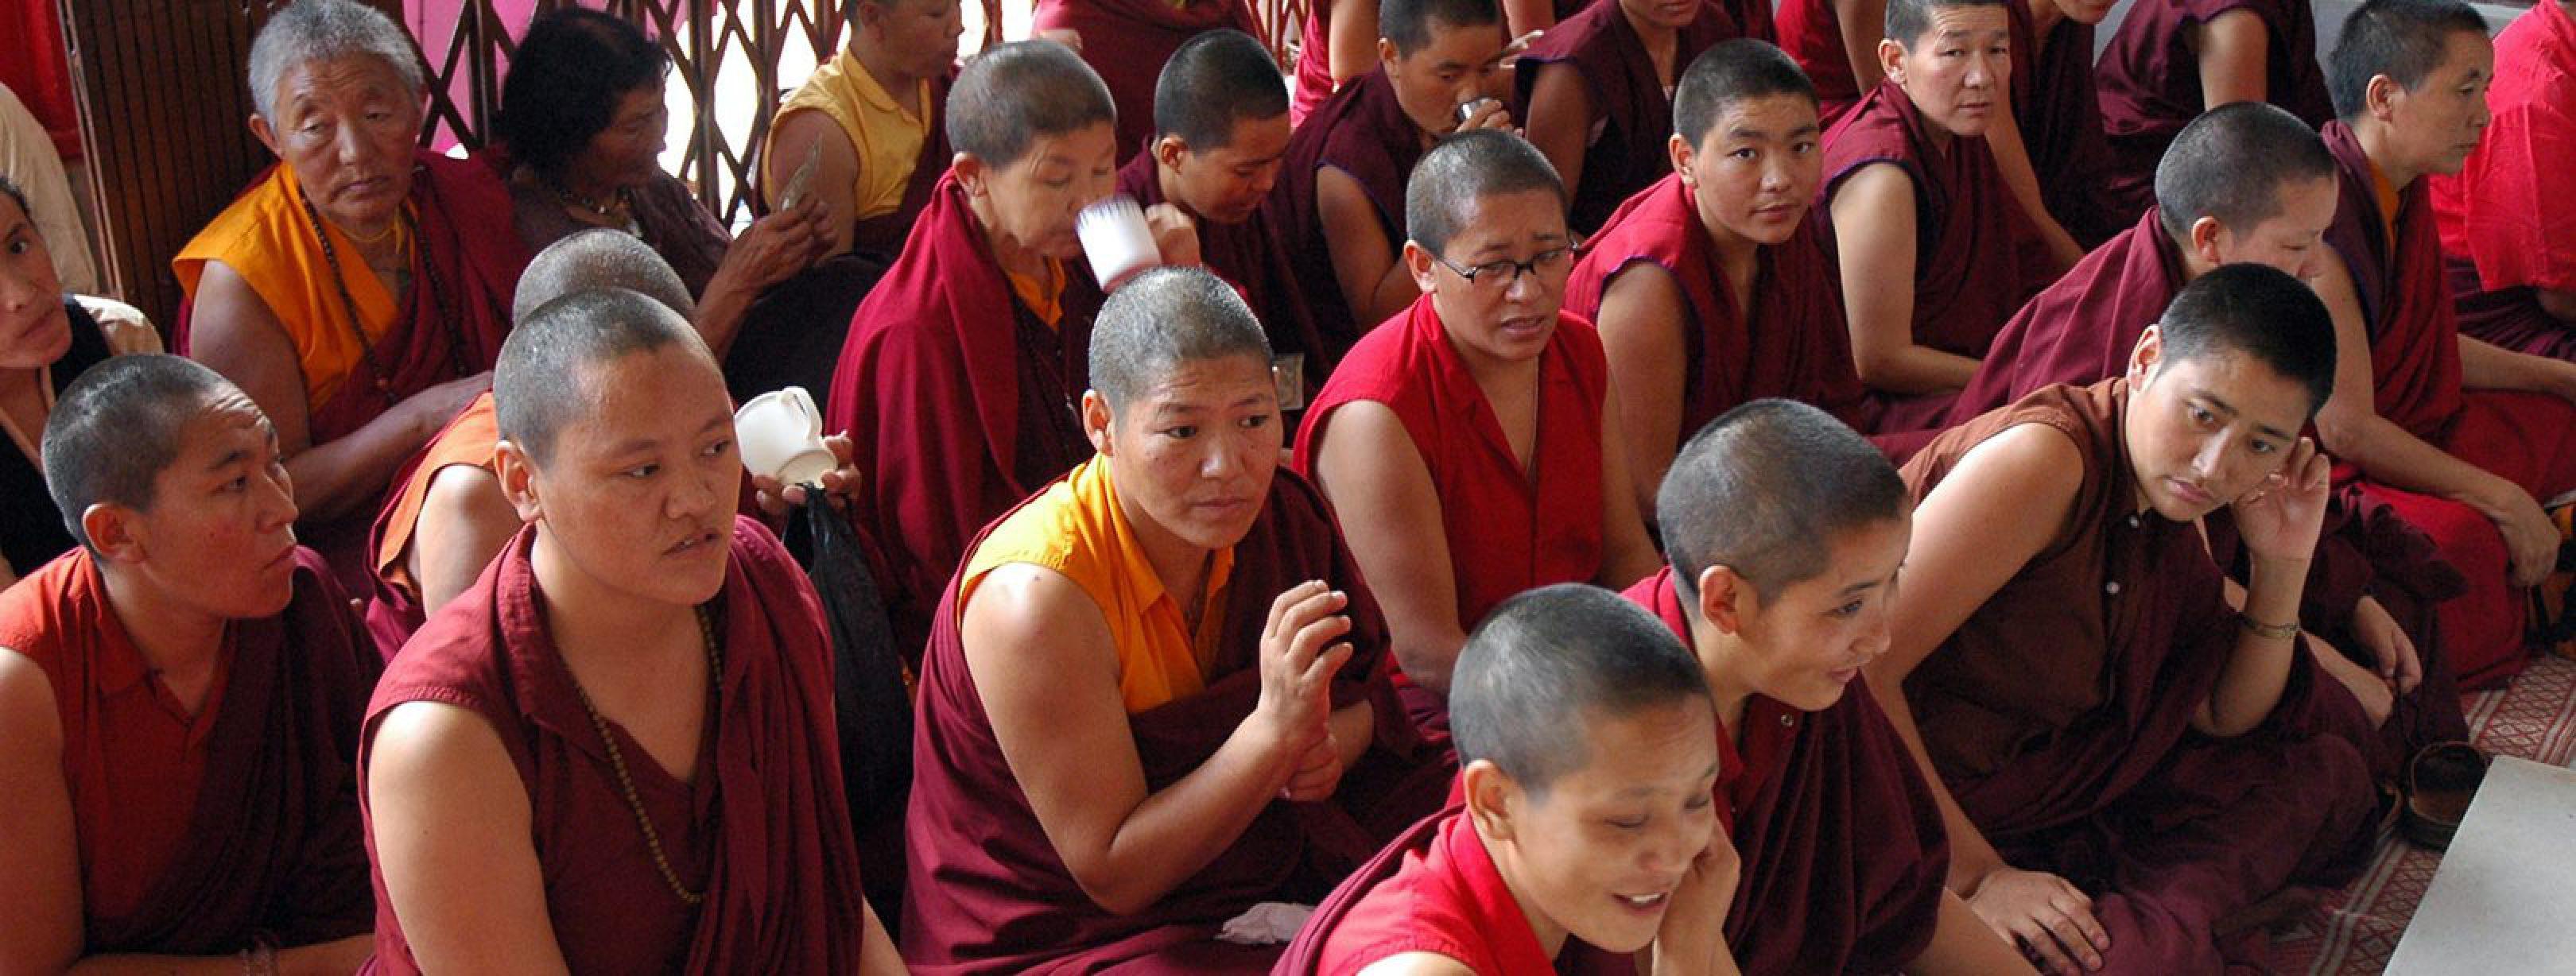 Positie vrouwen klooster